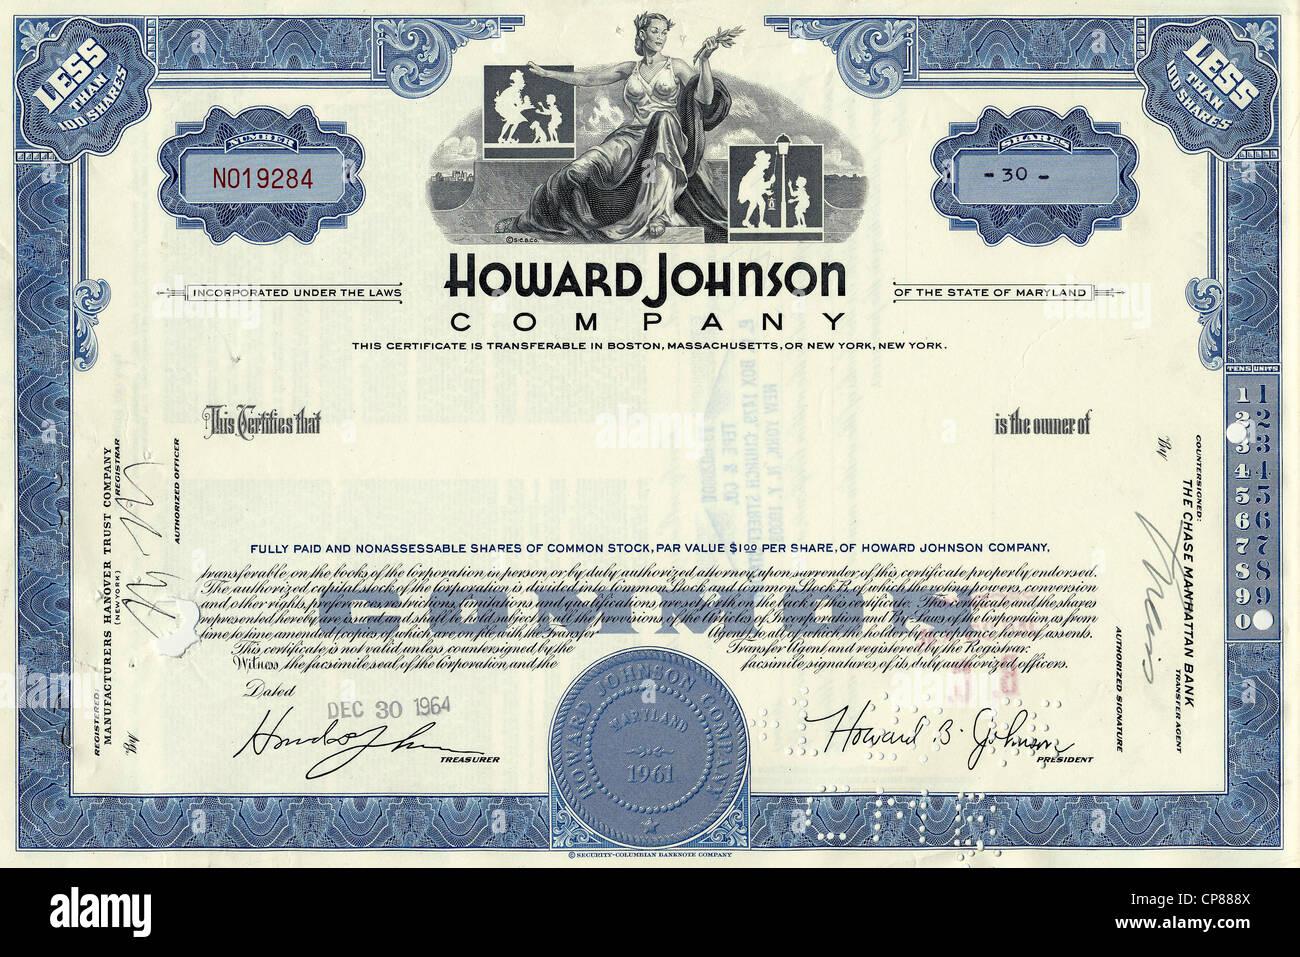 Certificado de acciones históricas, el restaurante y la cadena de hoteles Howard Johnson Company, 1964, Maryland, Imagen De Stock